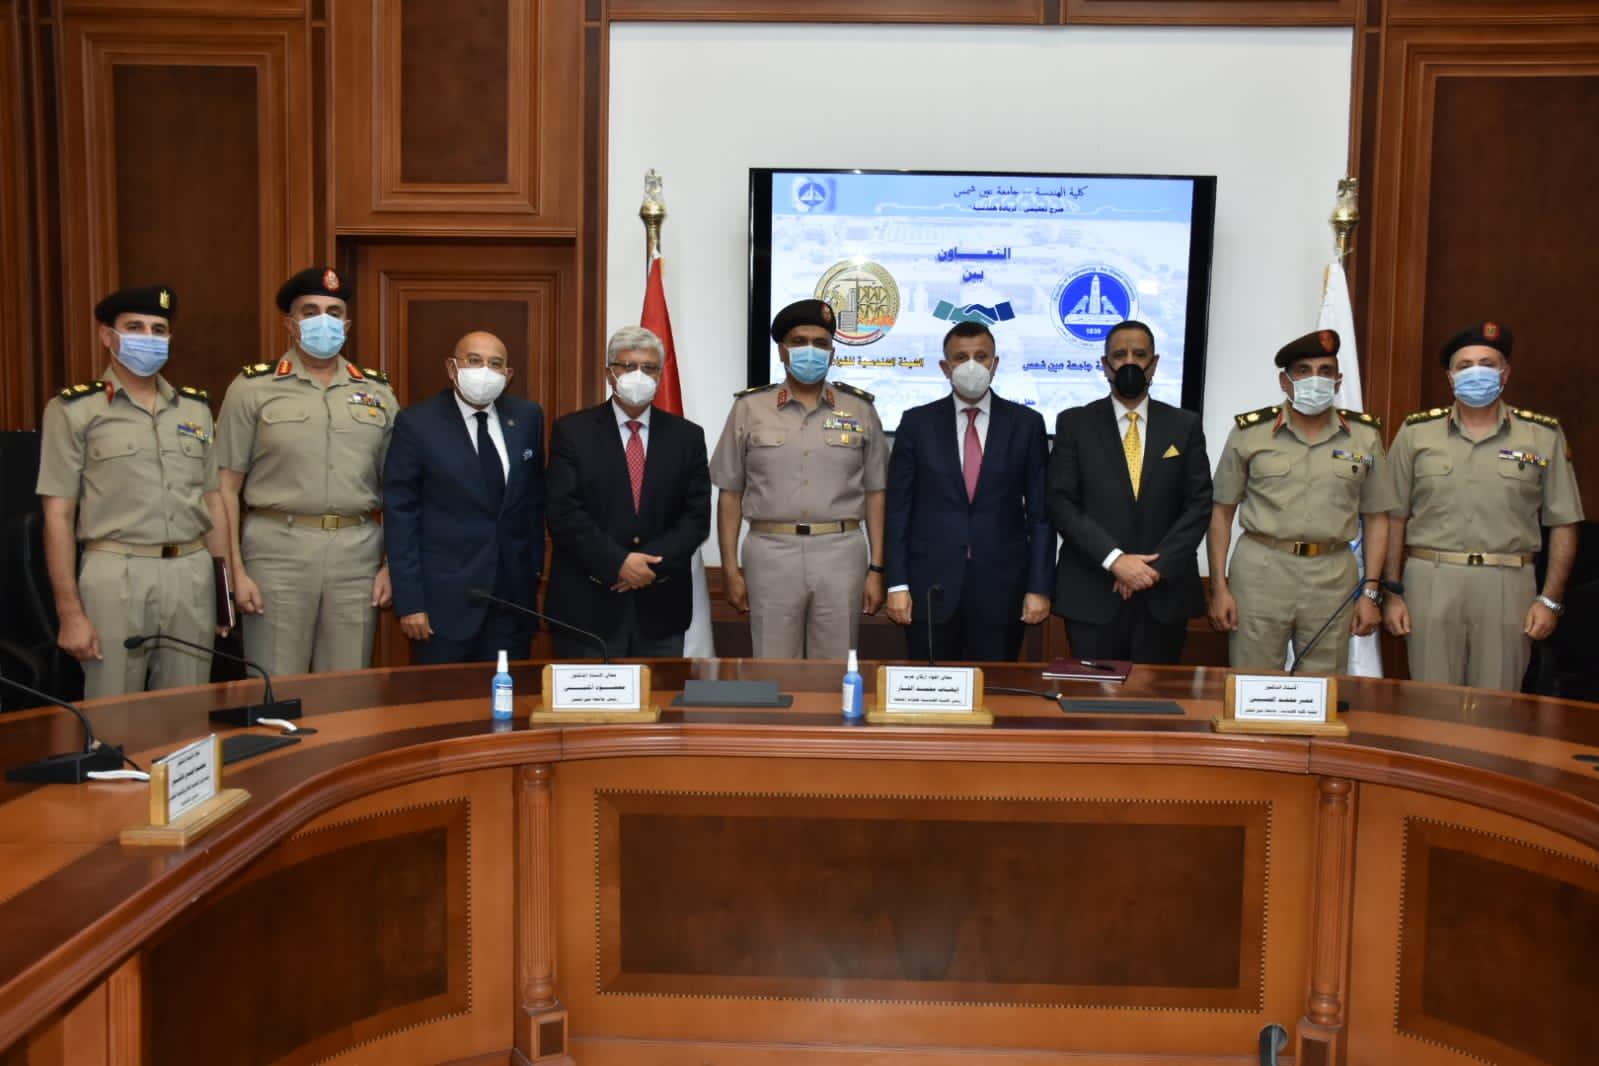 بروتوكول بين القوات المسلحة وجامعة عين شمس